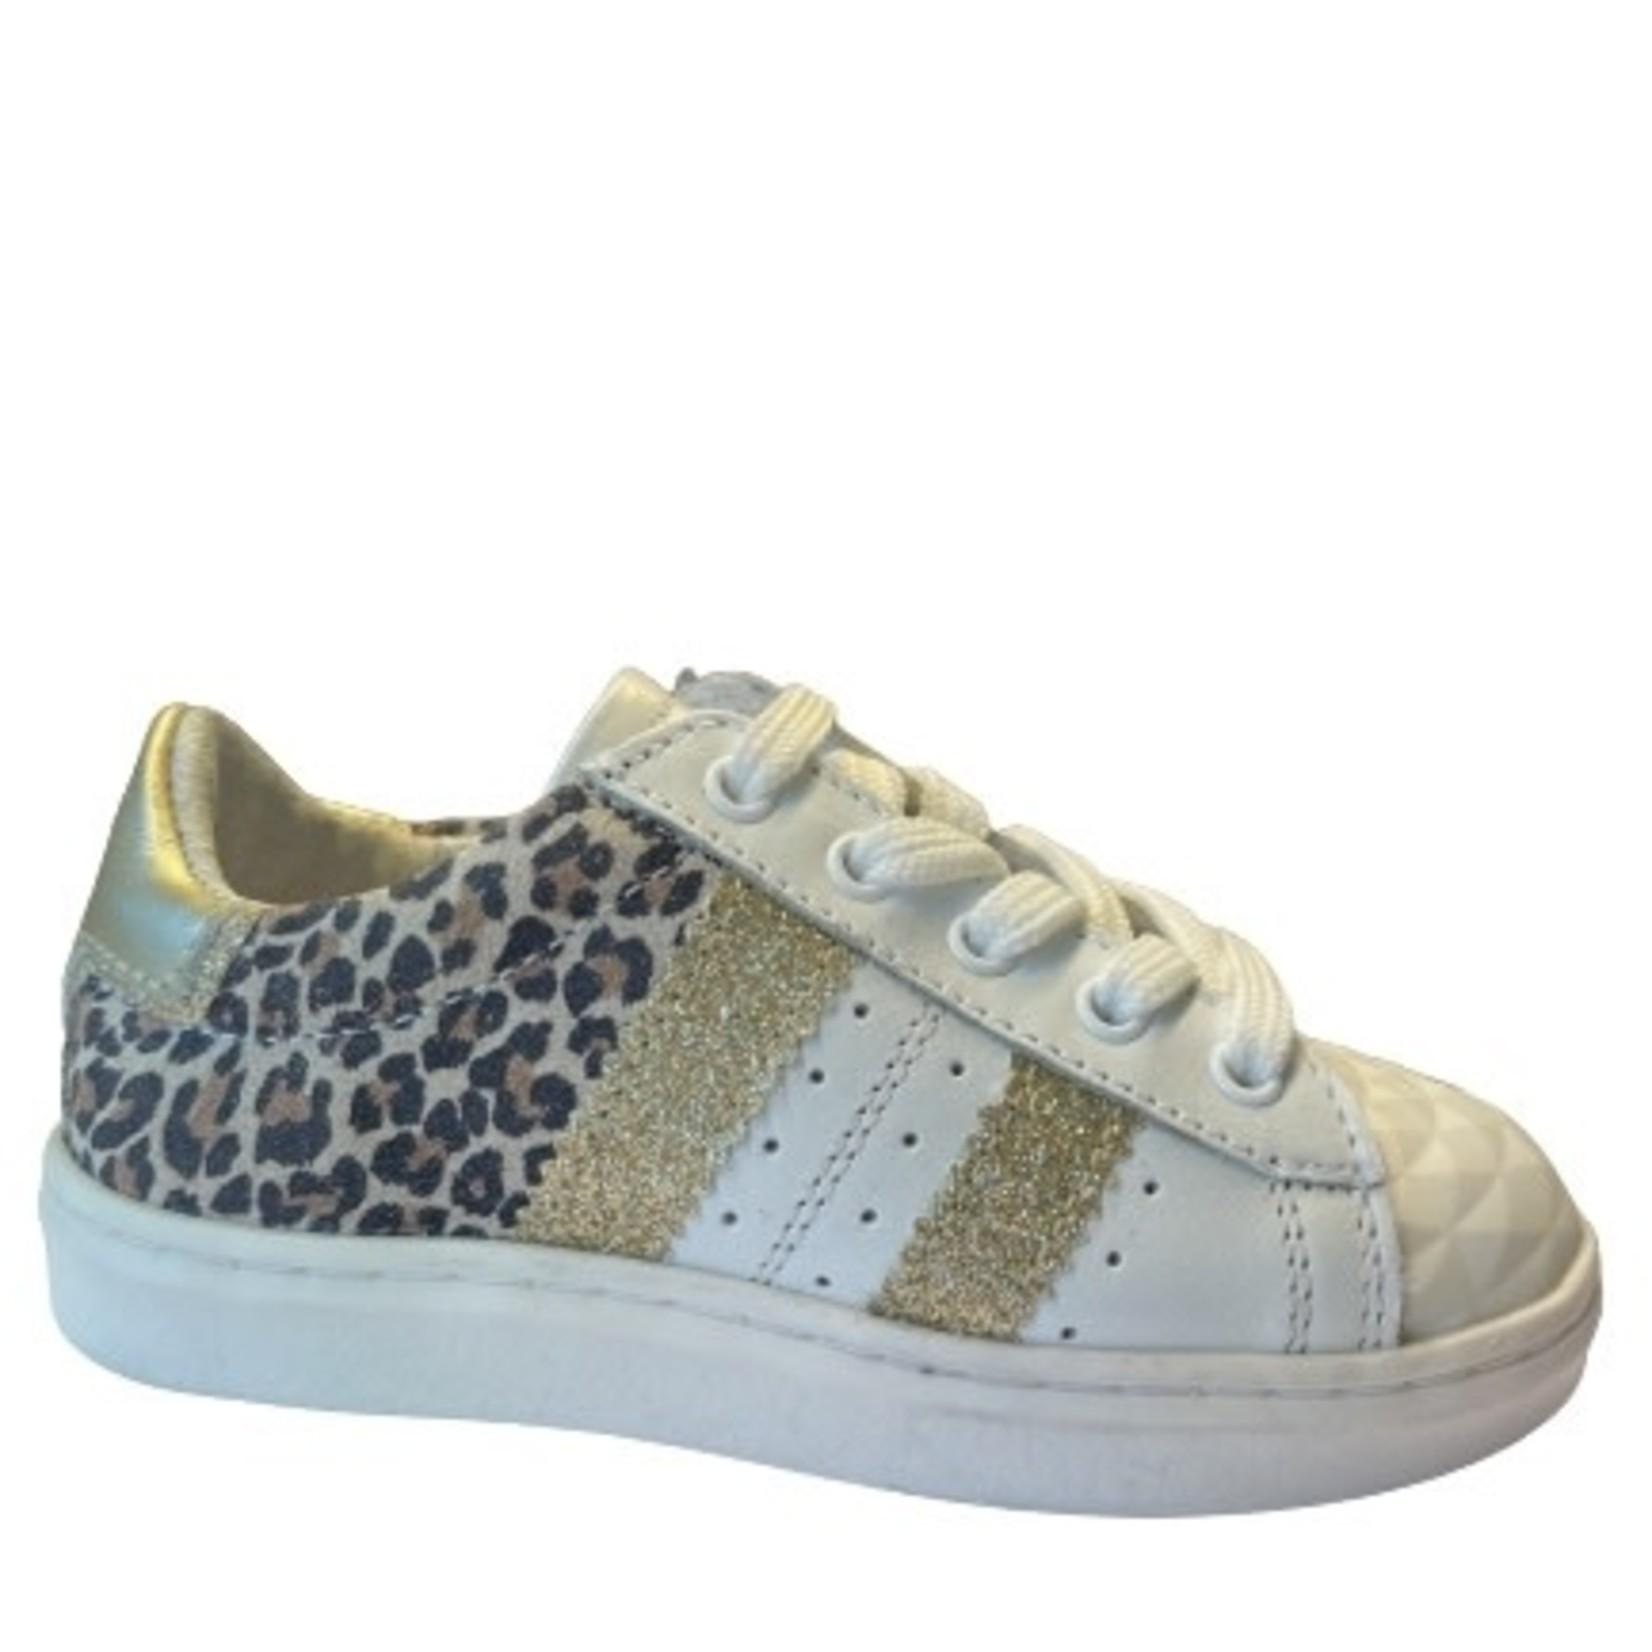 Sneaker Wit/leo